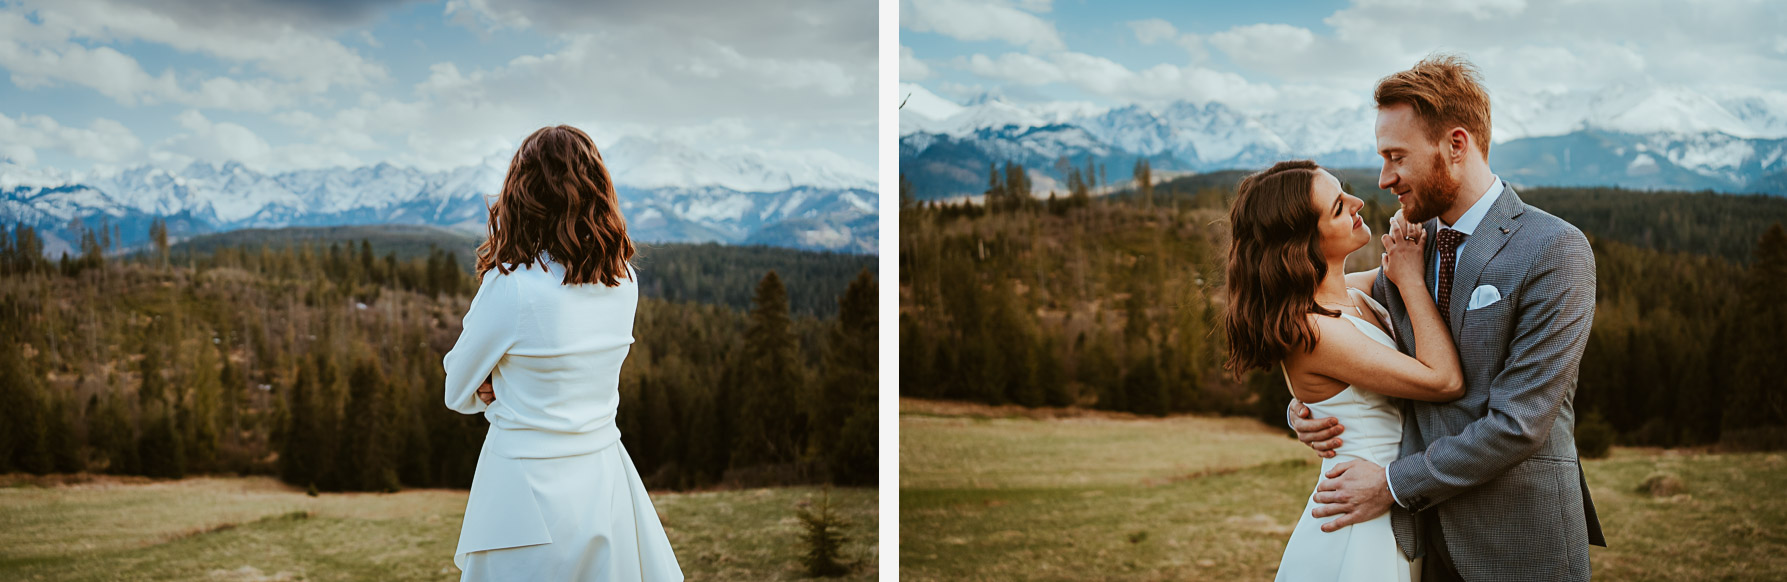 sesja ślubna w górach na glodówce 29 5